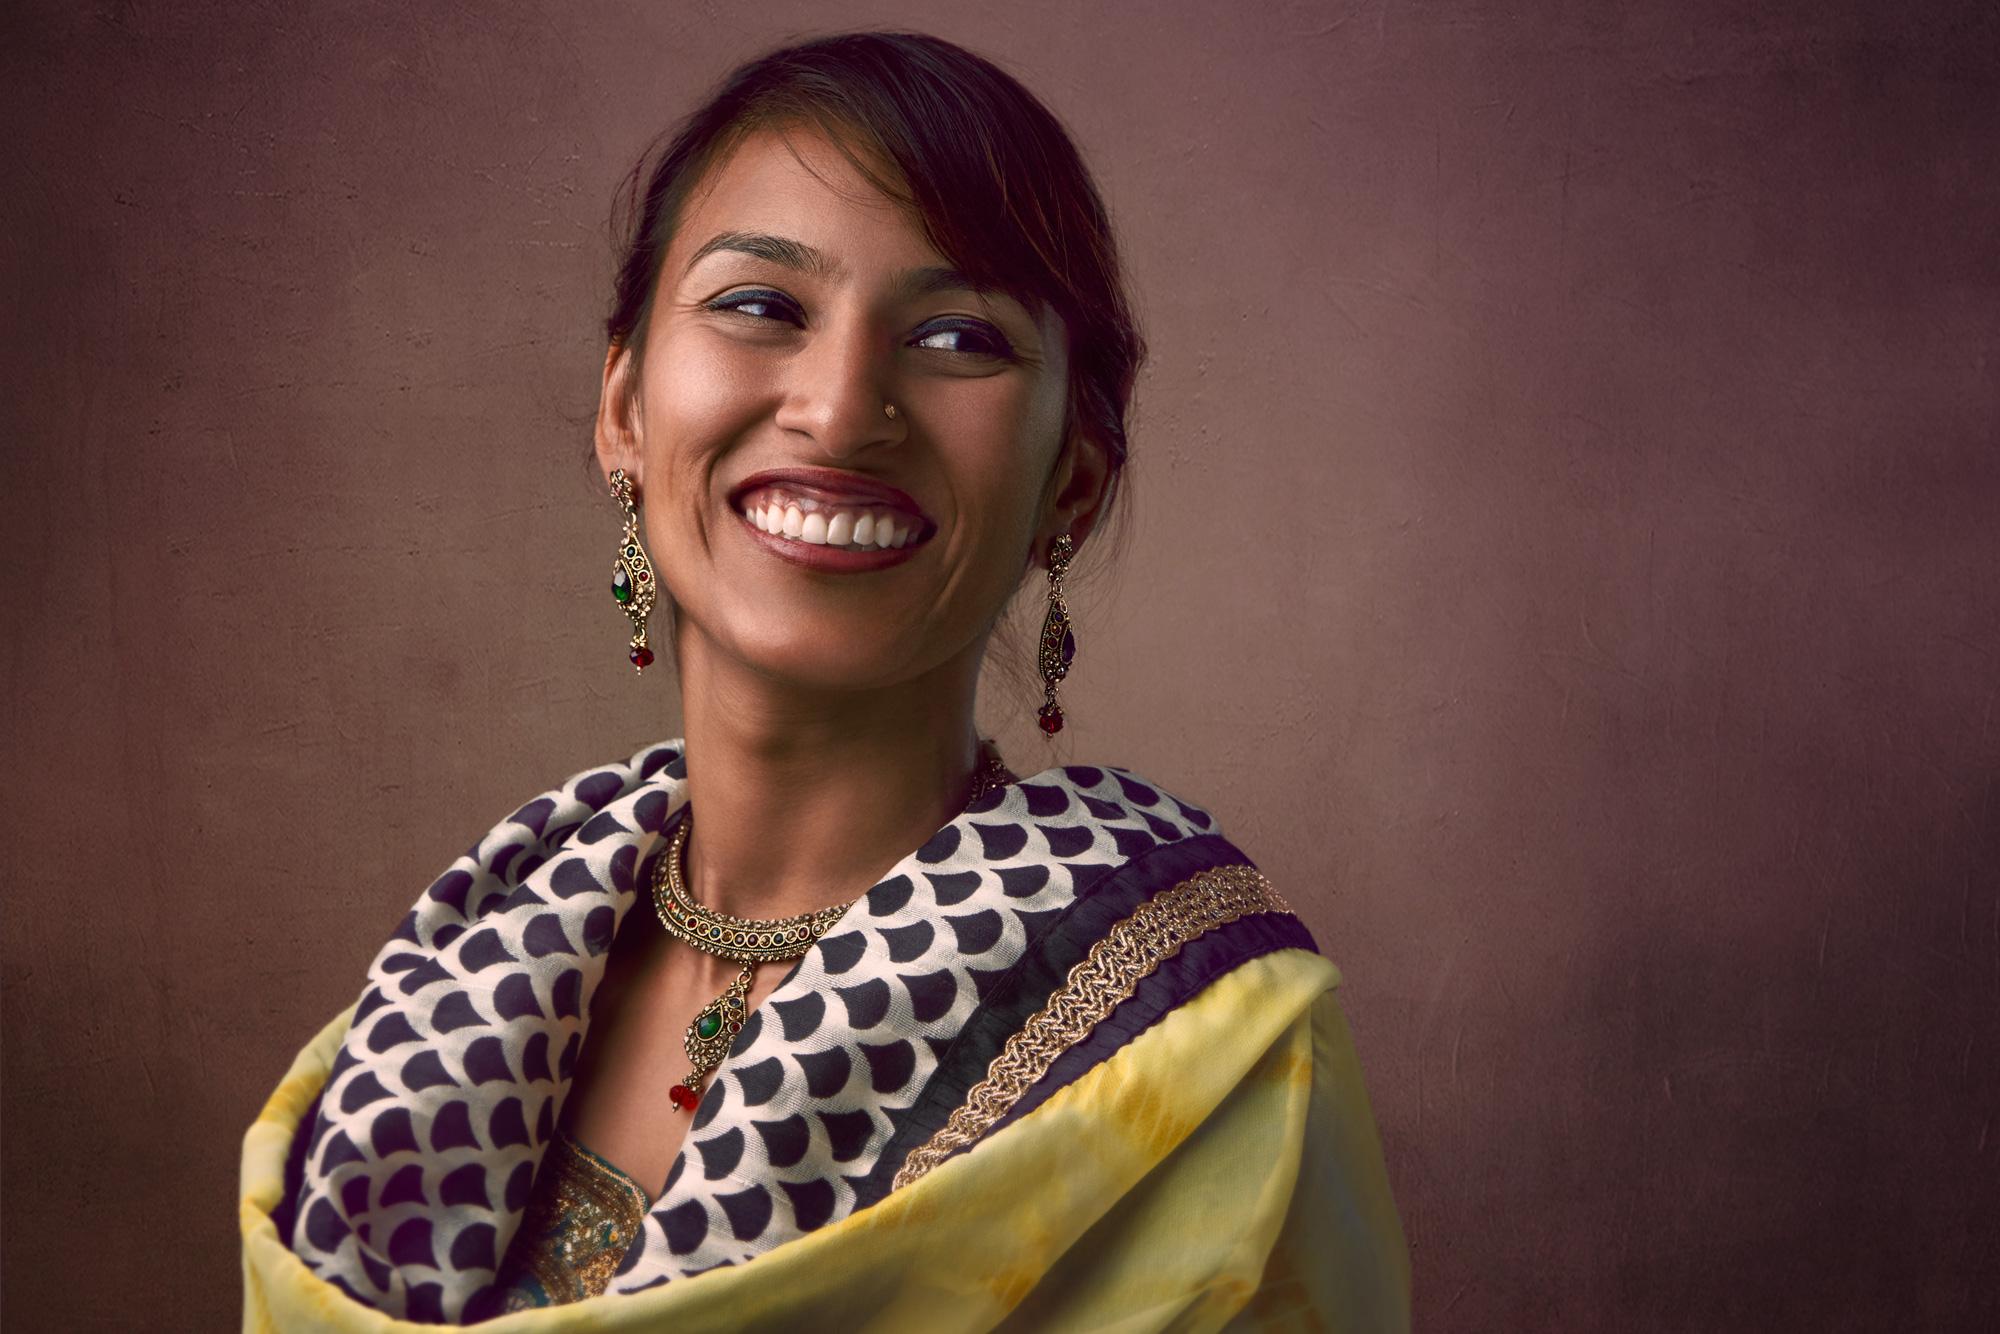 Indian Sari Smiling Headshot